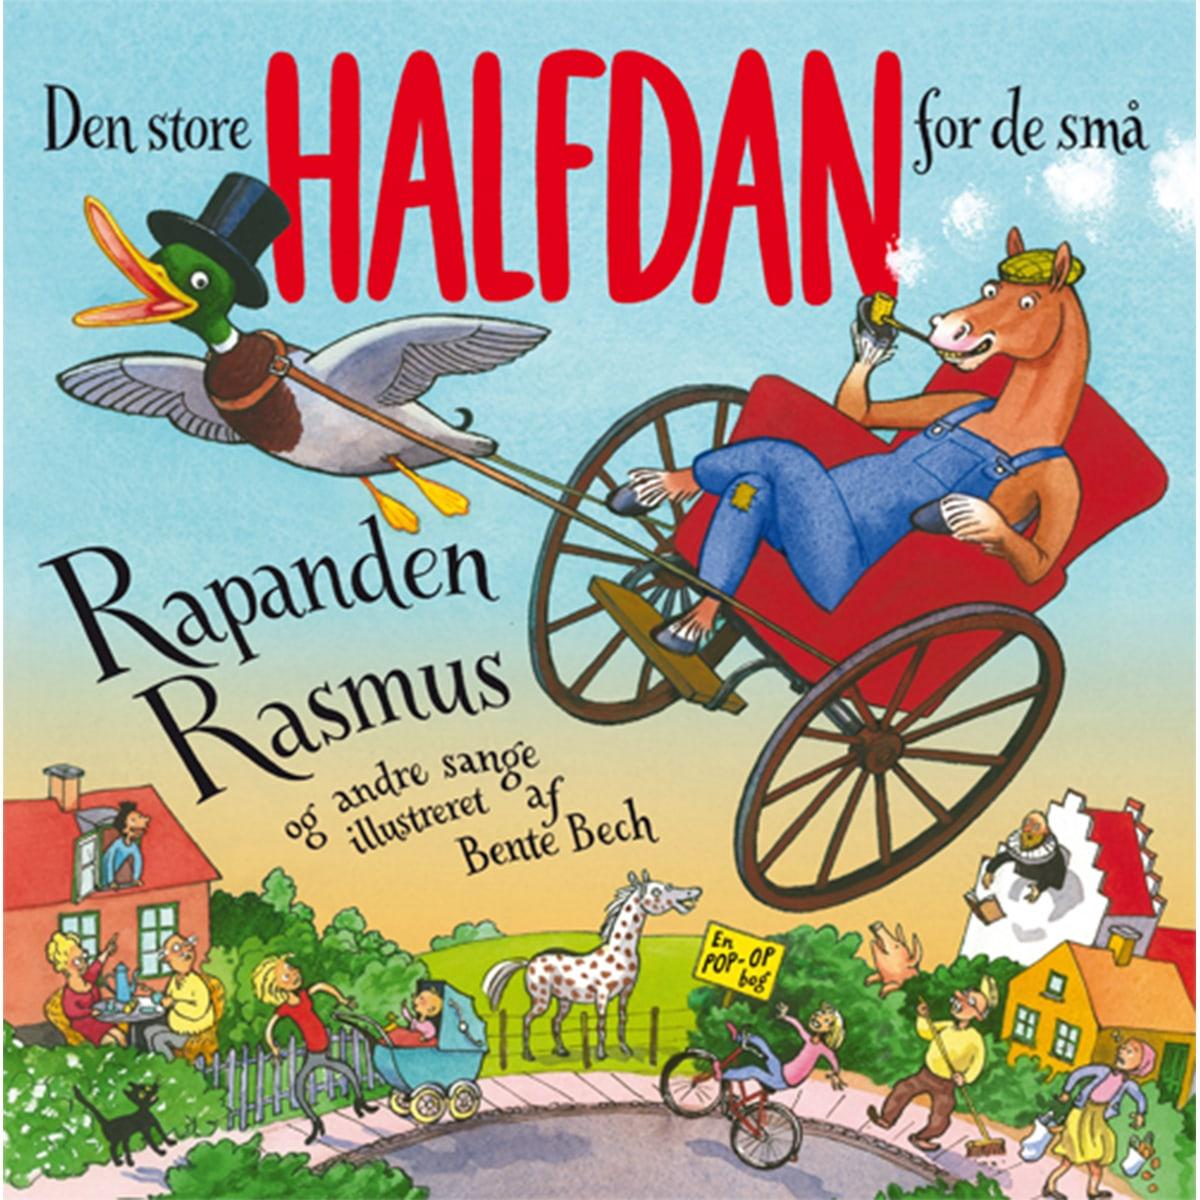 Af Halfdan Rasmussen, ill. af Bente Bech